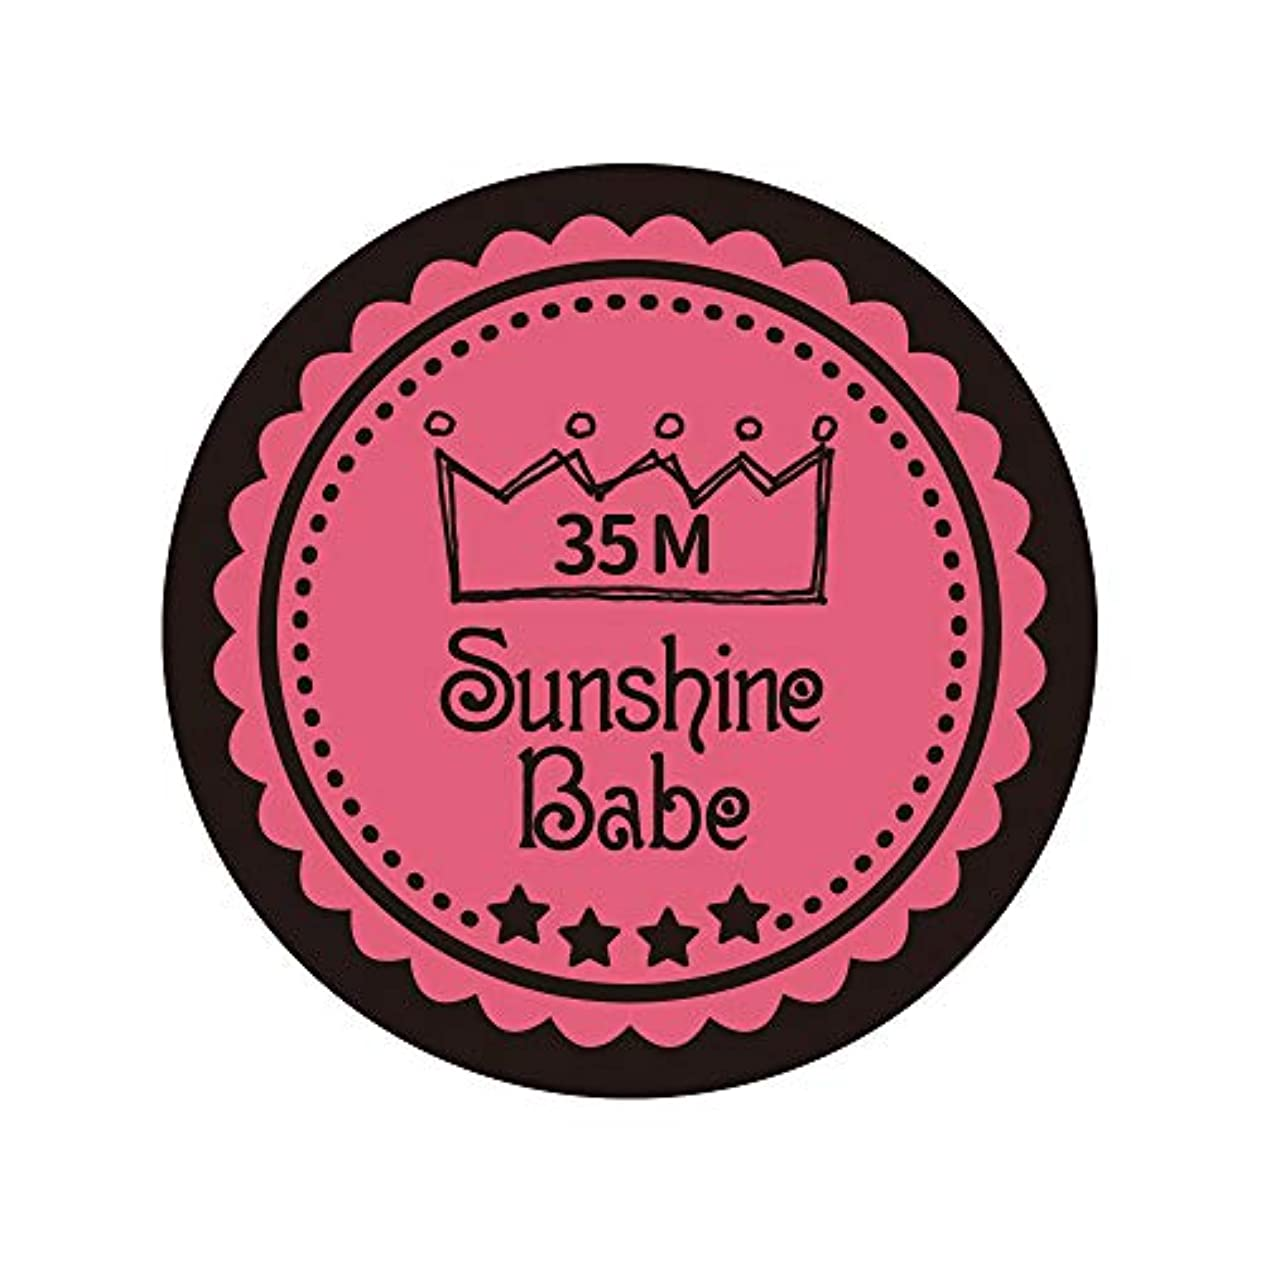 ピアノ経度退屈させるSunshine Babe カラージェル 35M ローズピンク 2.7g UV/LED対応